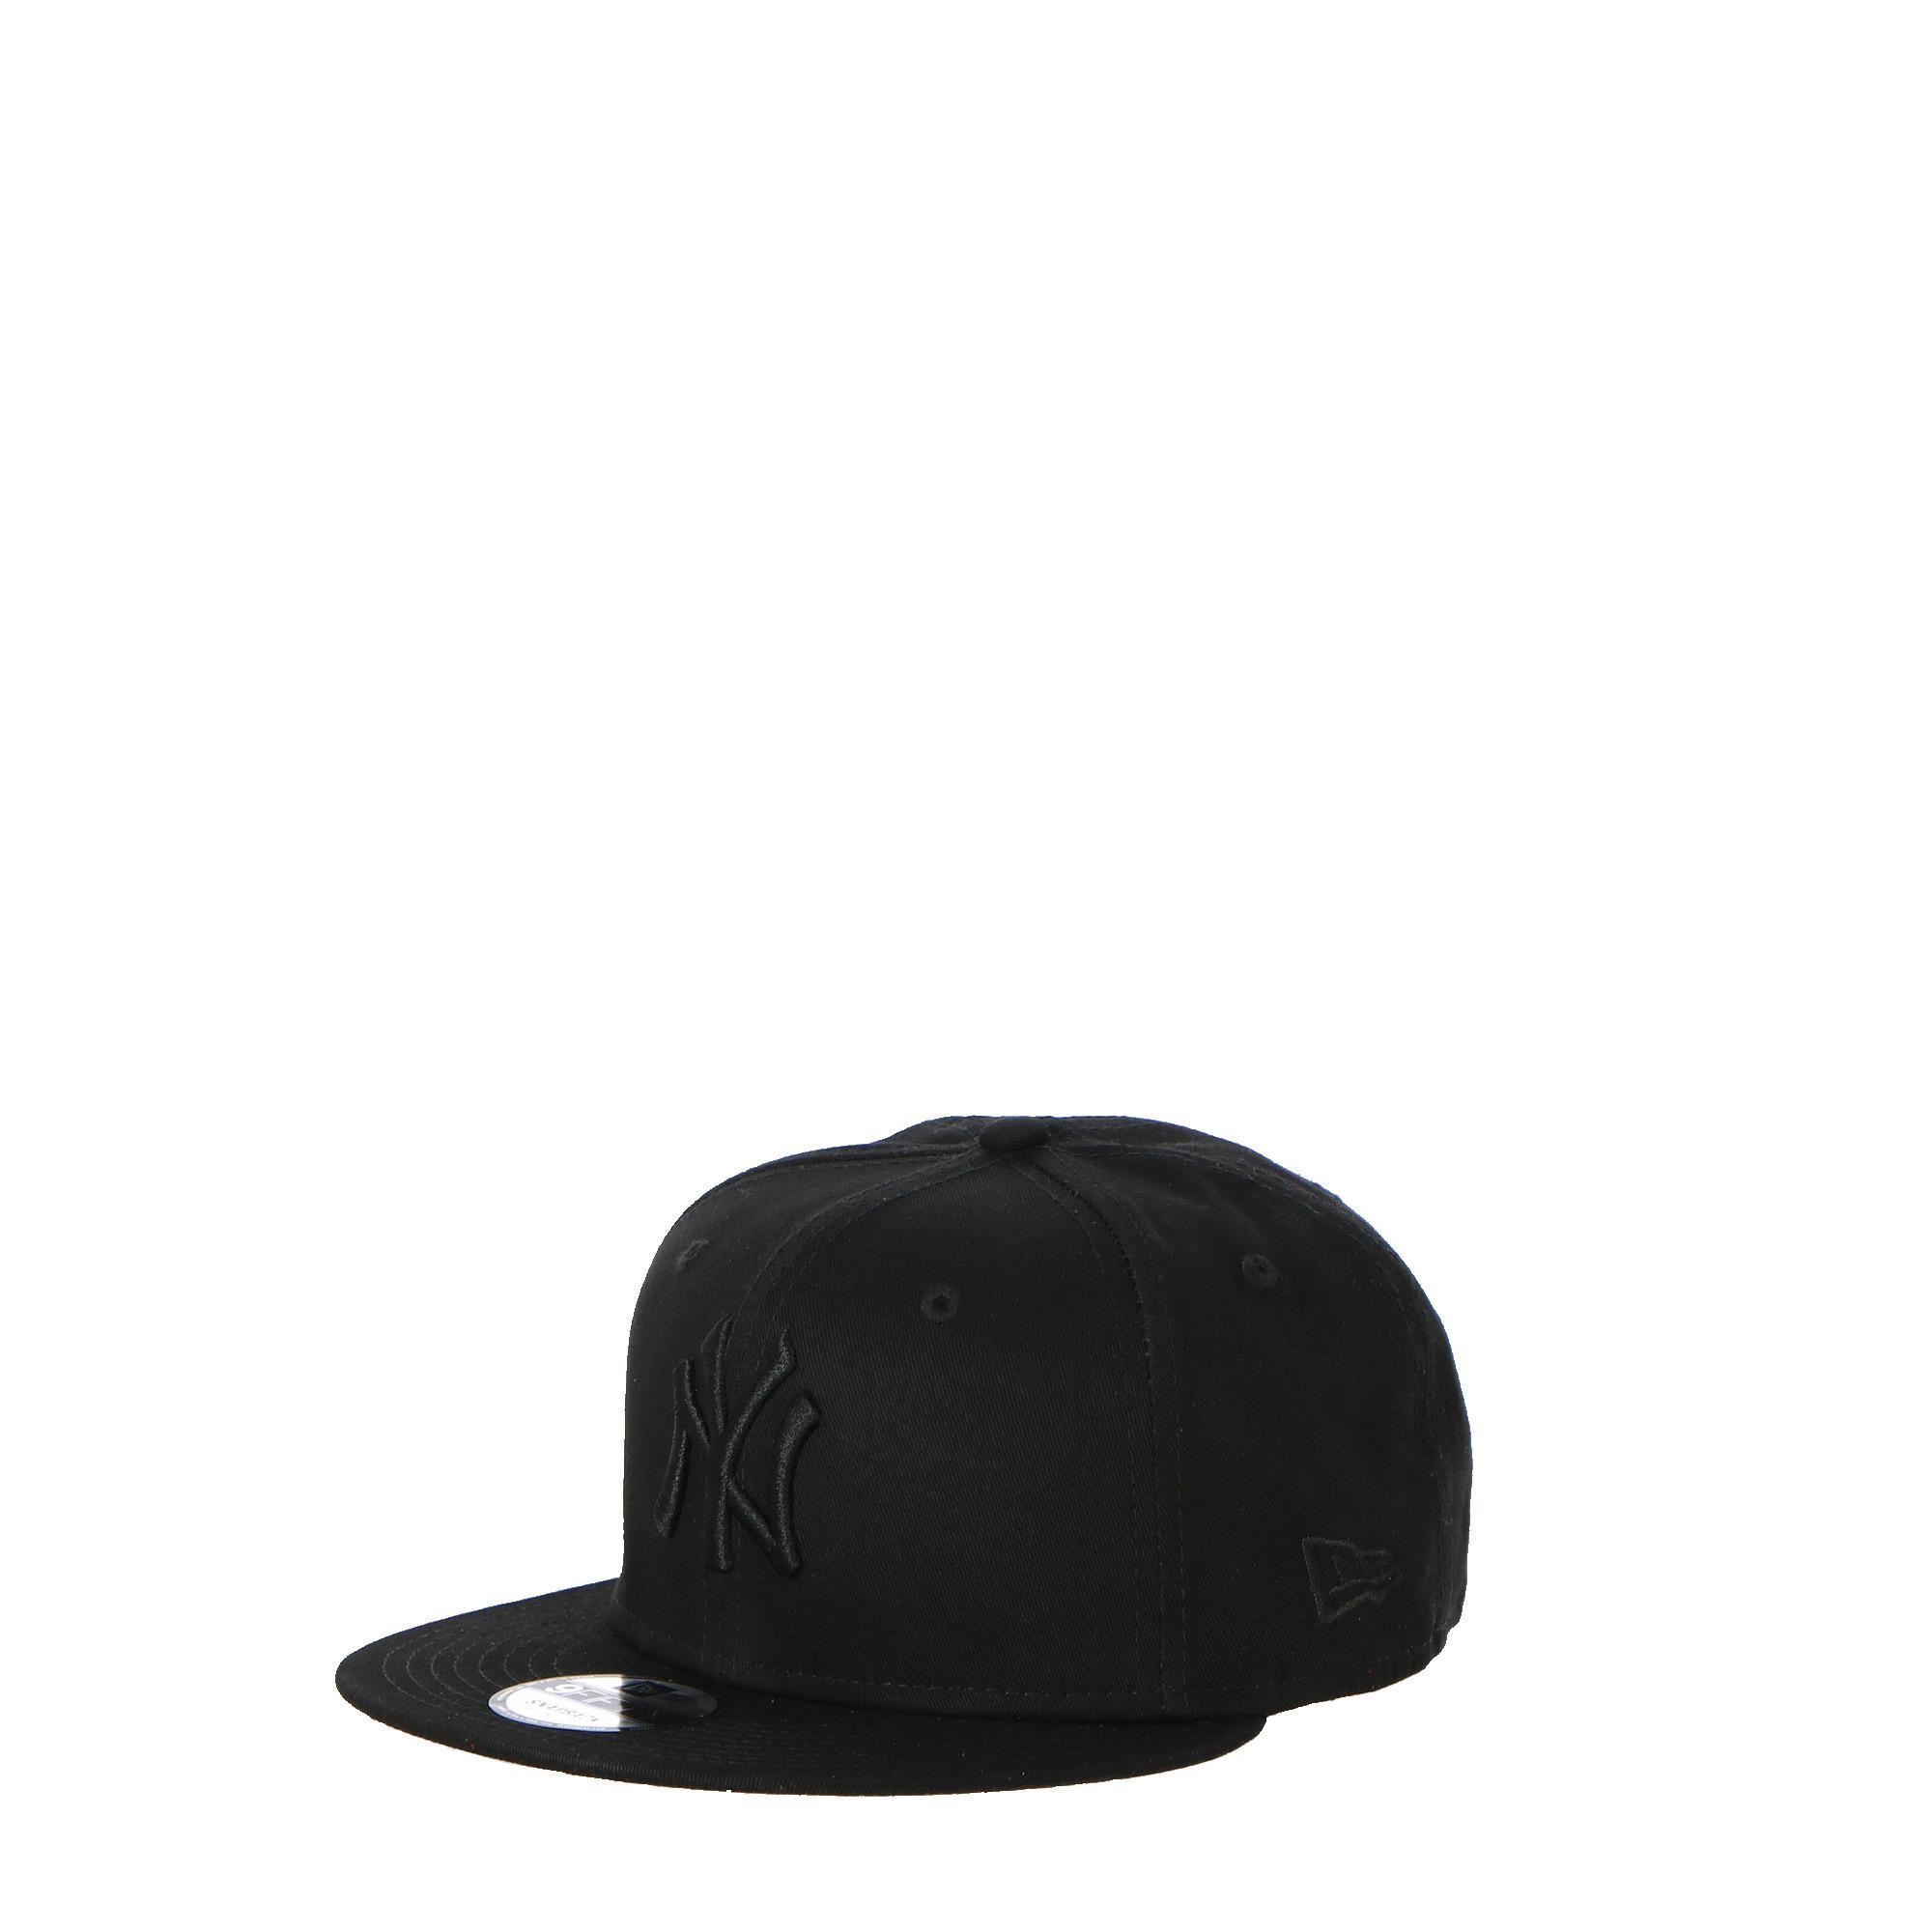 d1dddff1ba1e3 New Era Mlb 9fifty Black Black